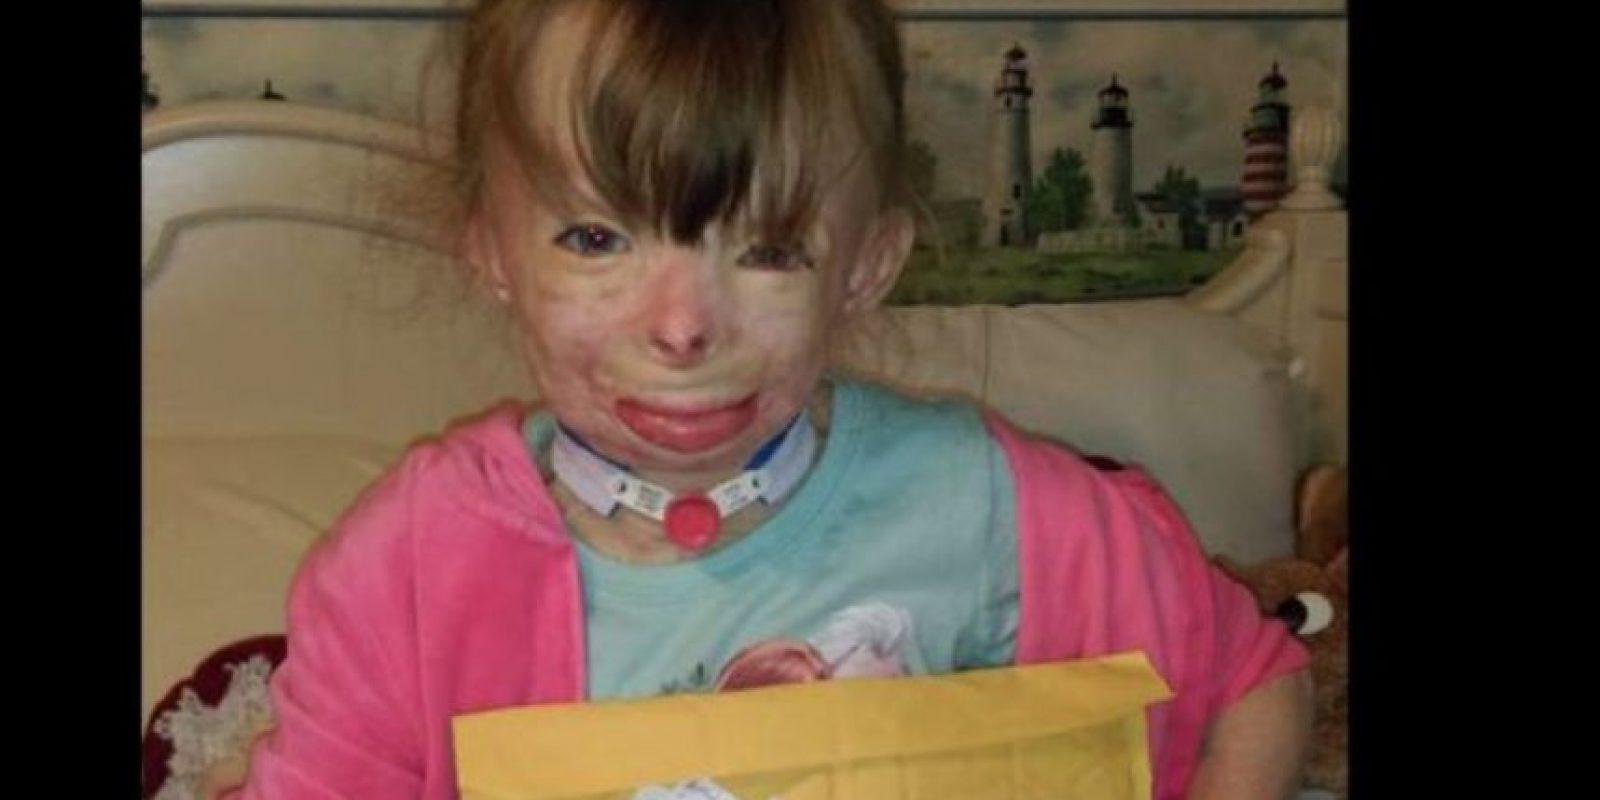 Ahora ella vive en Nueva York con su tía Liz Dolder, quien compro un árbol de Navidad donde planean colgar las cartas. Foto:Vía facebook.com/Schenectadyssupersurvivor